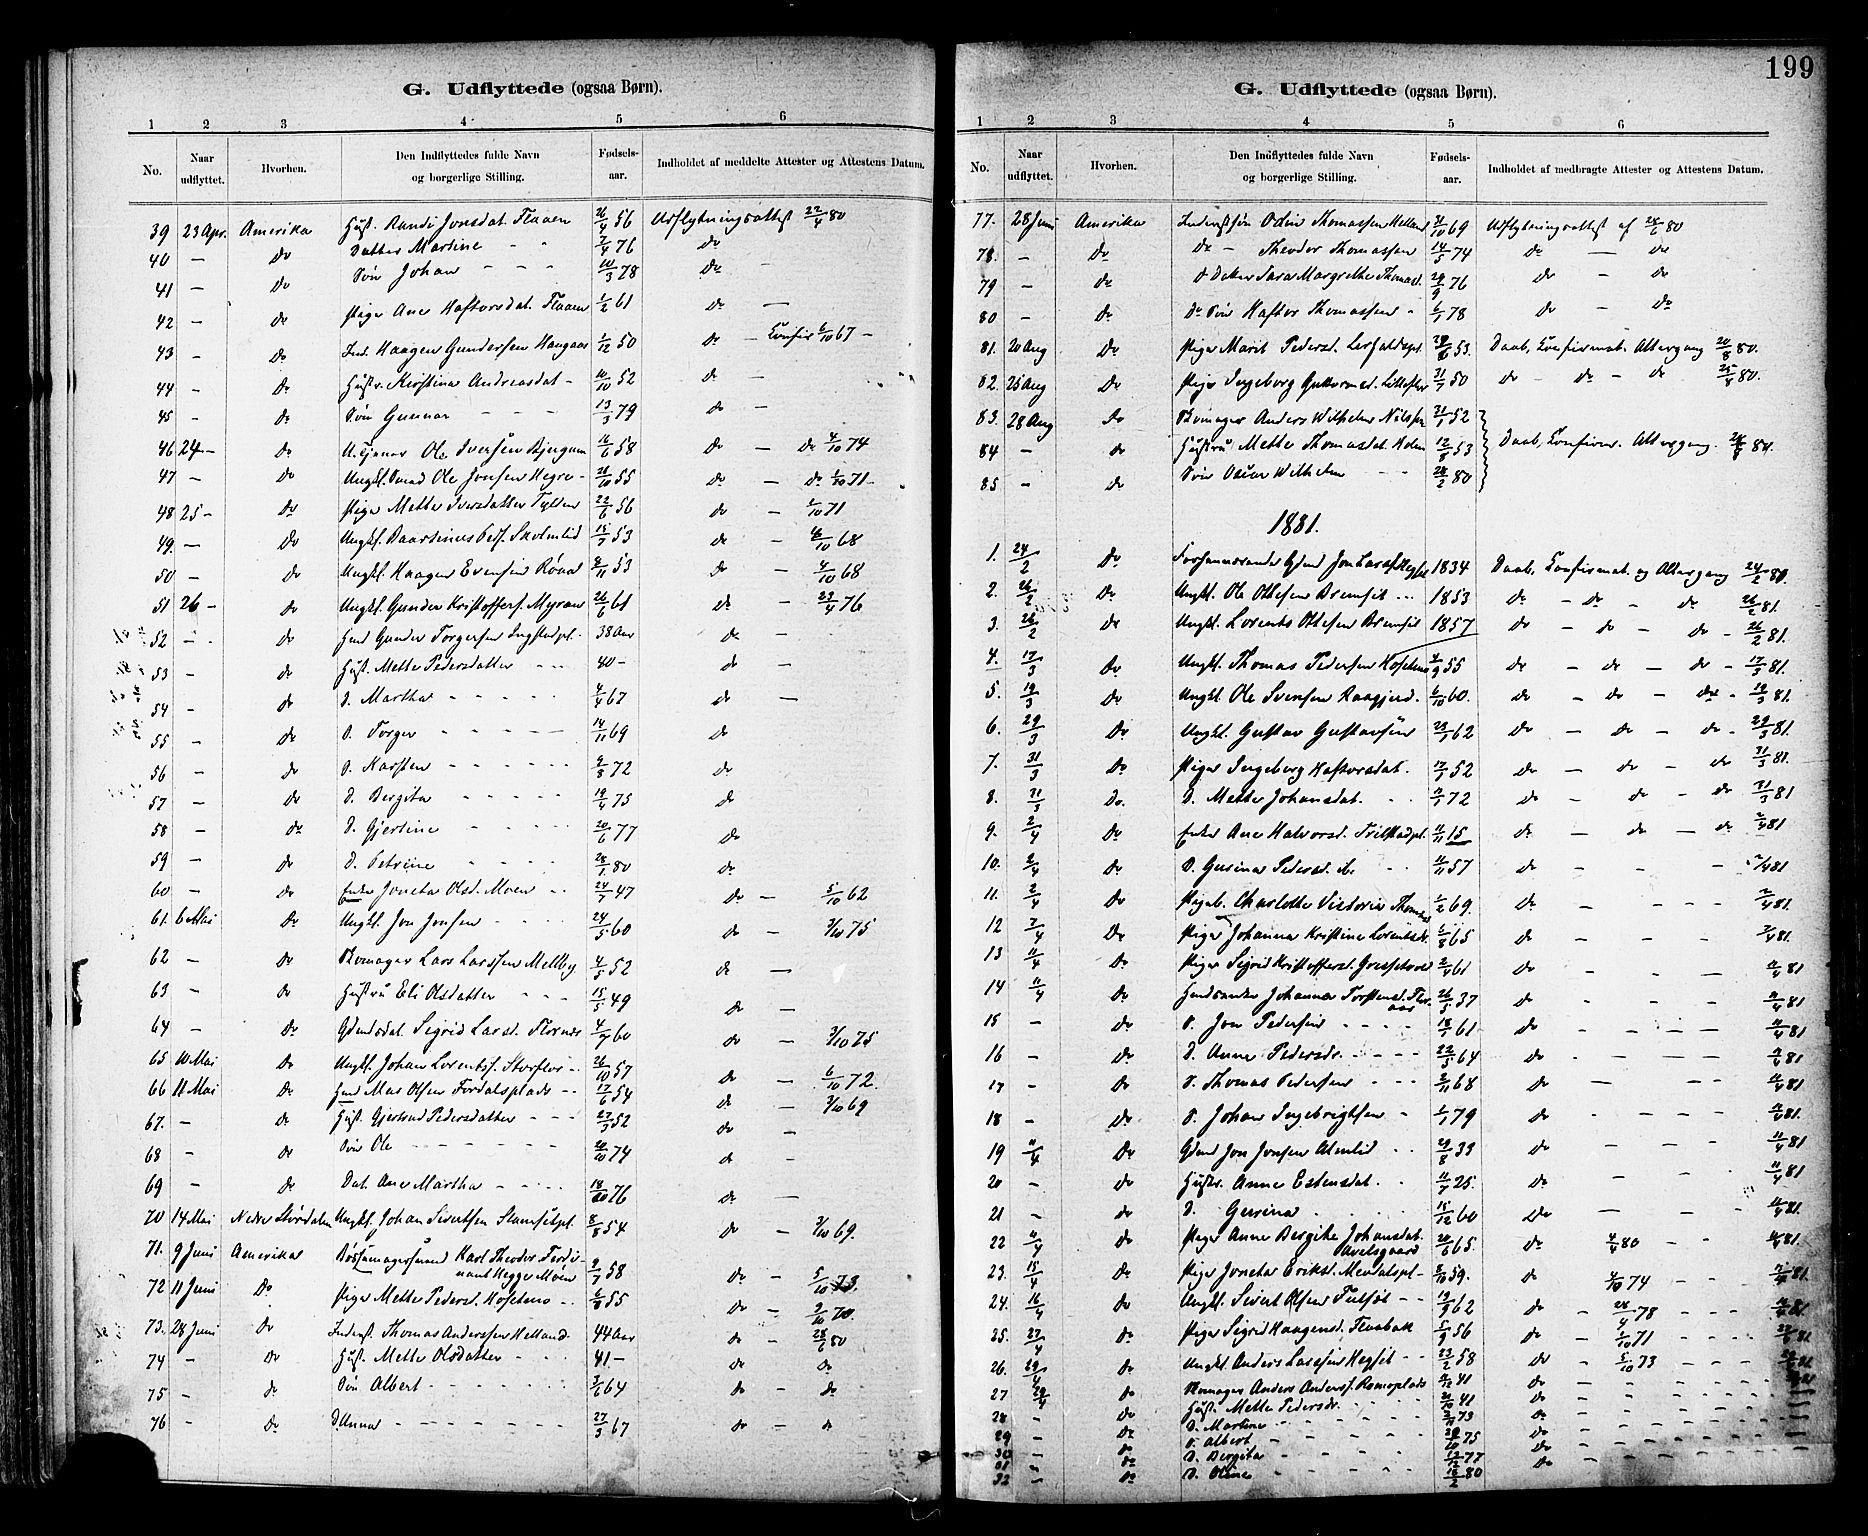 SAT, Ministerialprotokoller, klokkerbøker og fødselsregistre - Nord-Trøndelag, 703/L0030: Ministerialbok nr. 703A03, 1880-1892, s. 199